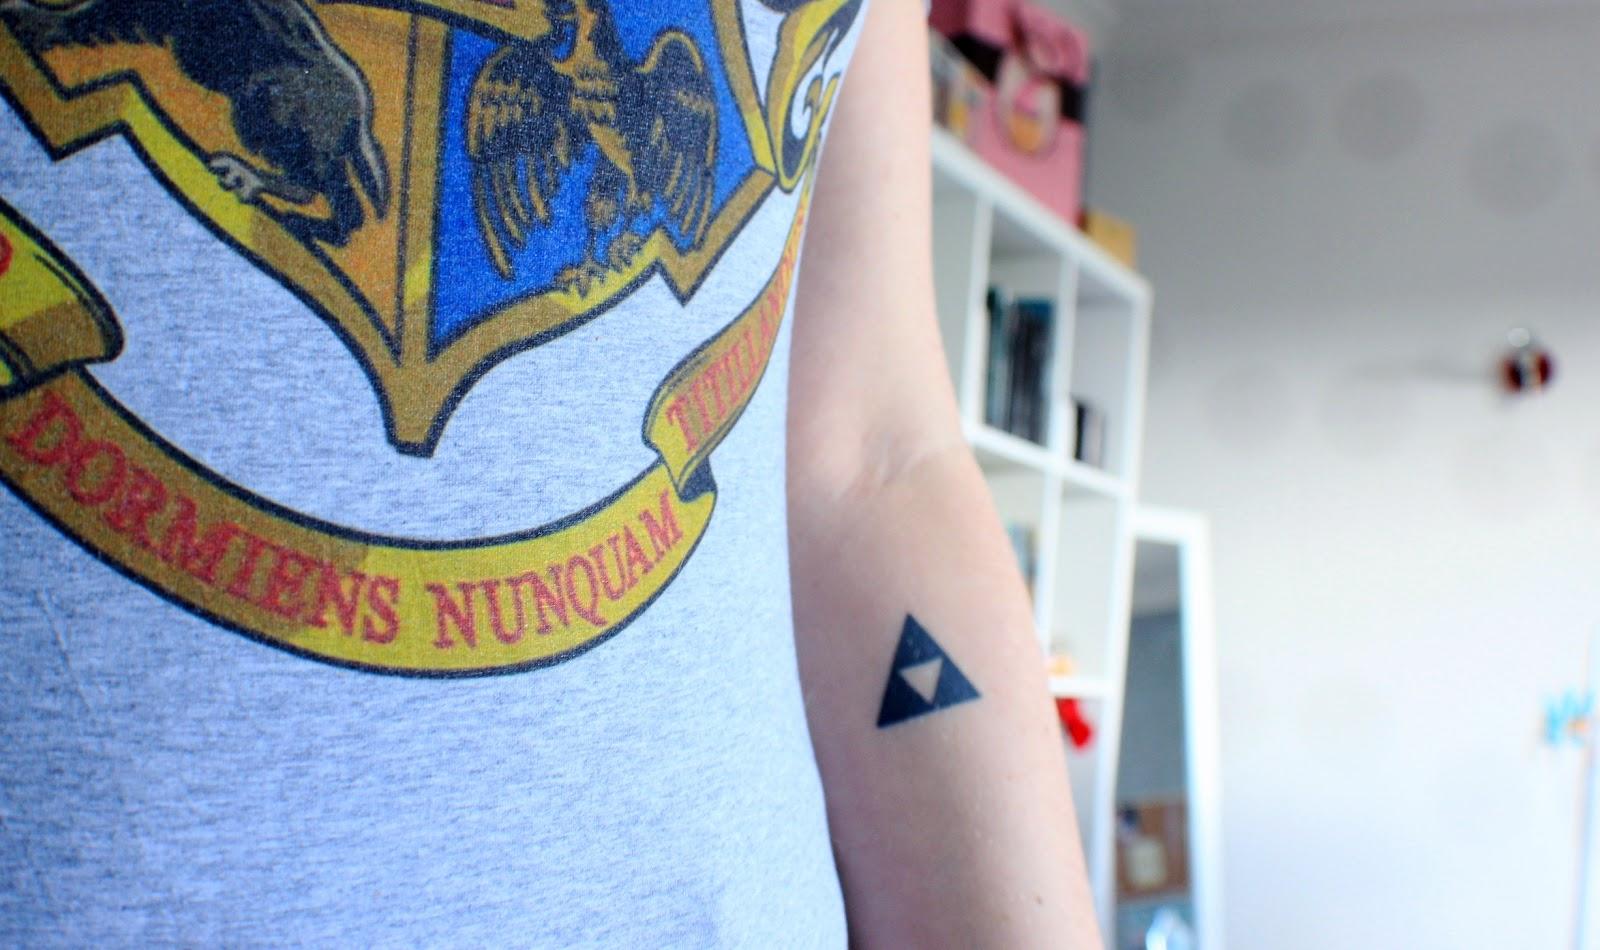 réflexions que l'on m'a faite sur ma tatouage